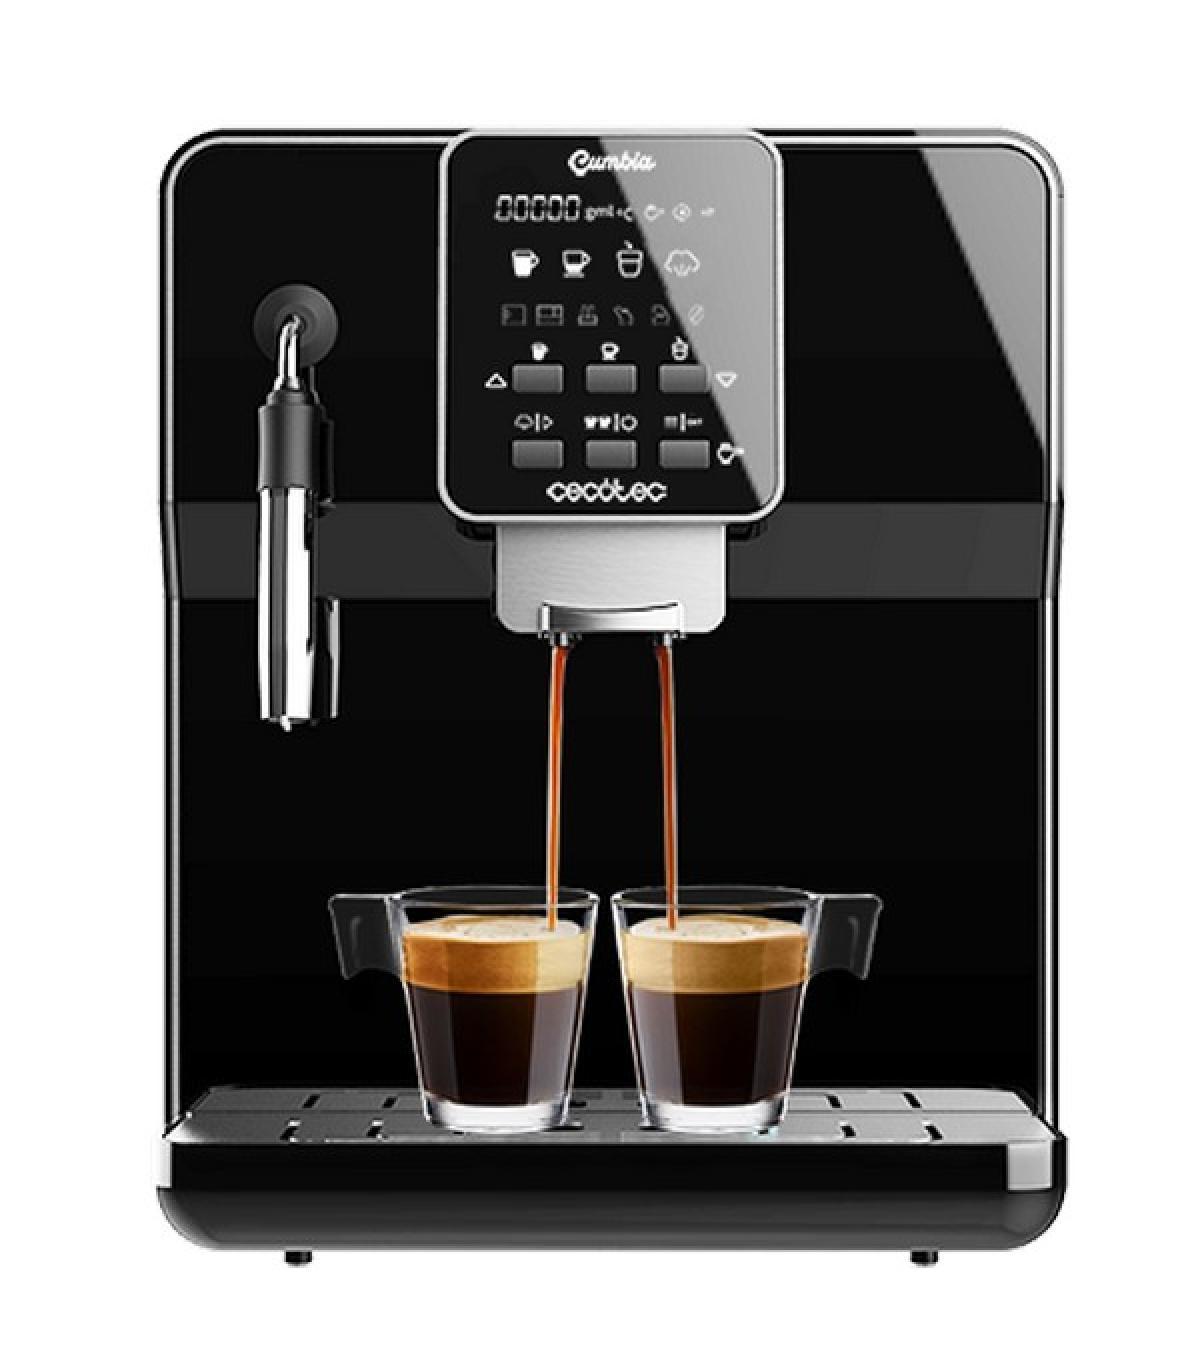 Cafetera Express de Brazo Cecotec Power Matic ccino 6000 1,7